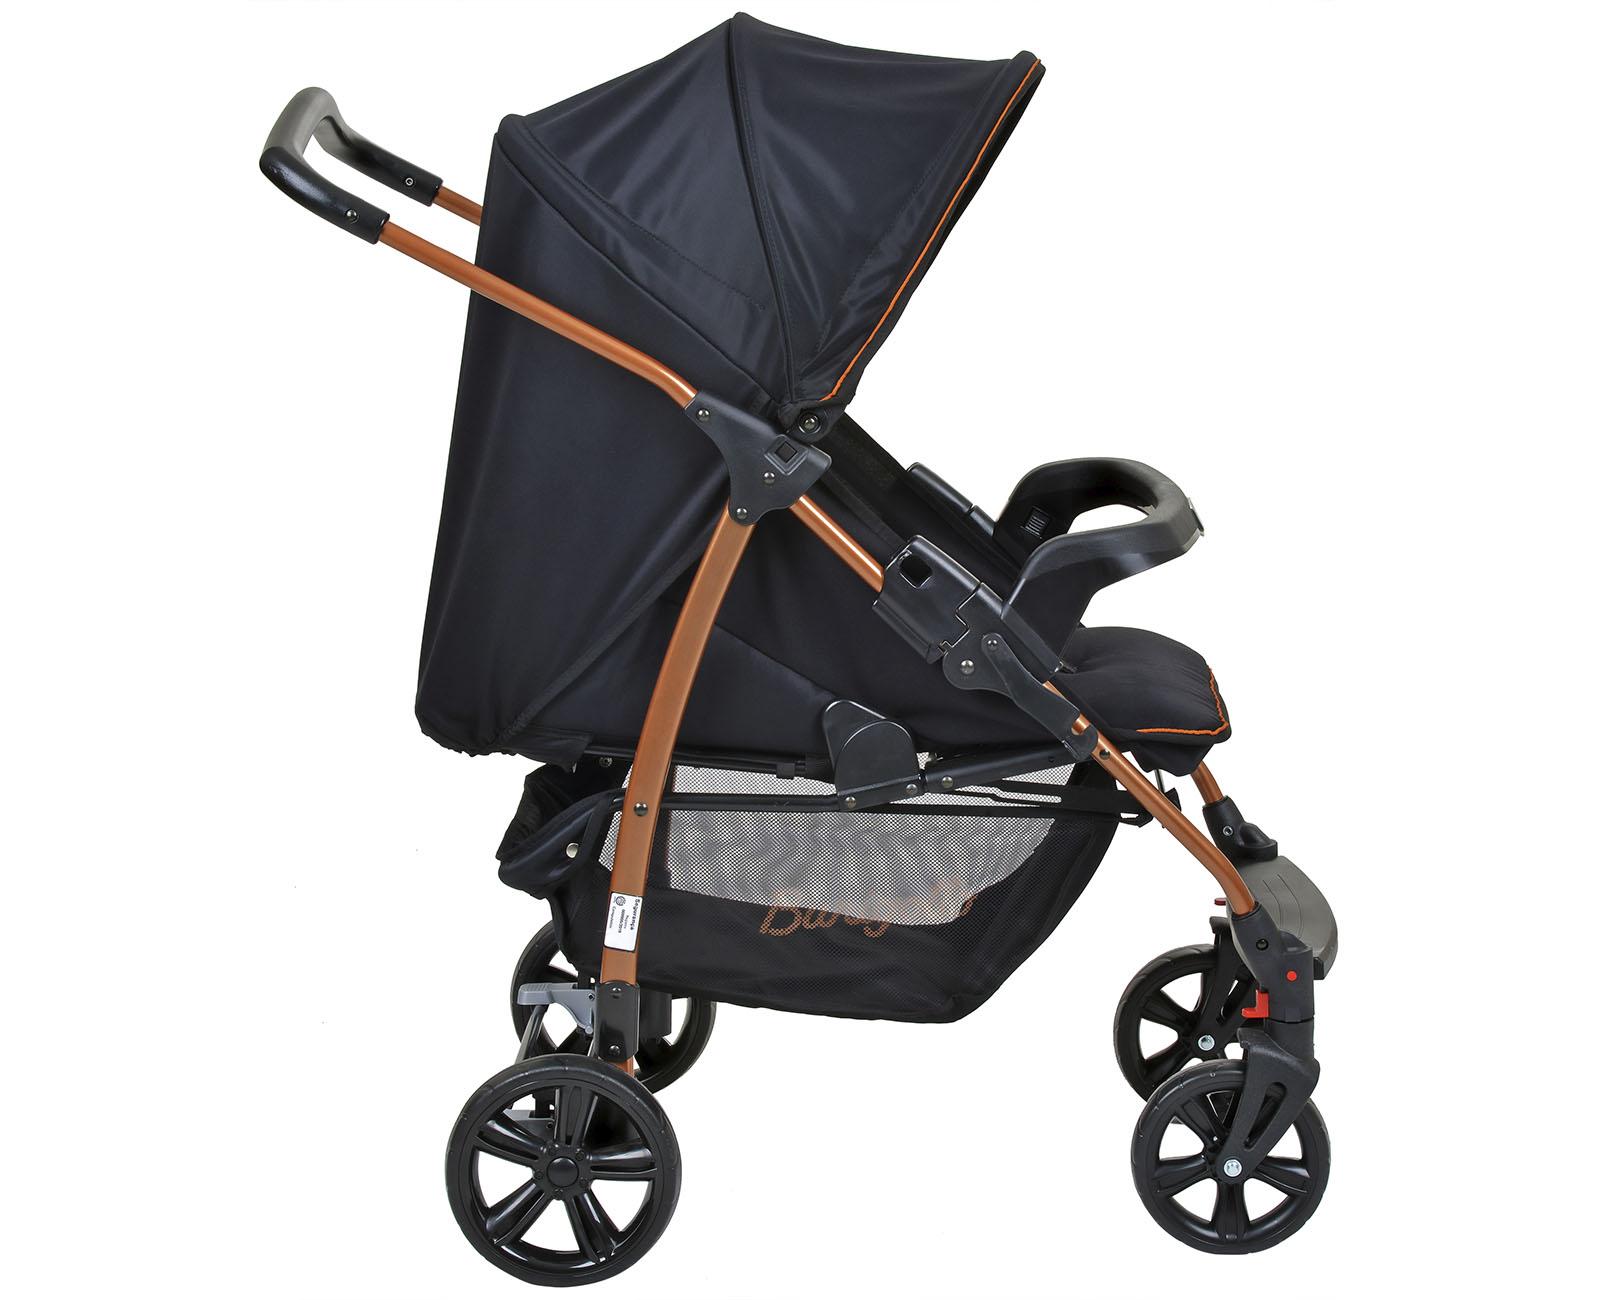 Carrinho de Bebê com Bebê Conforto Ecco Travel System Preto Cobre